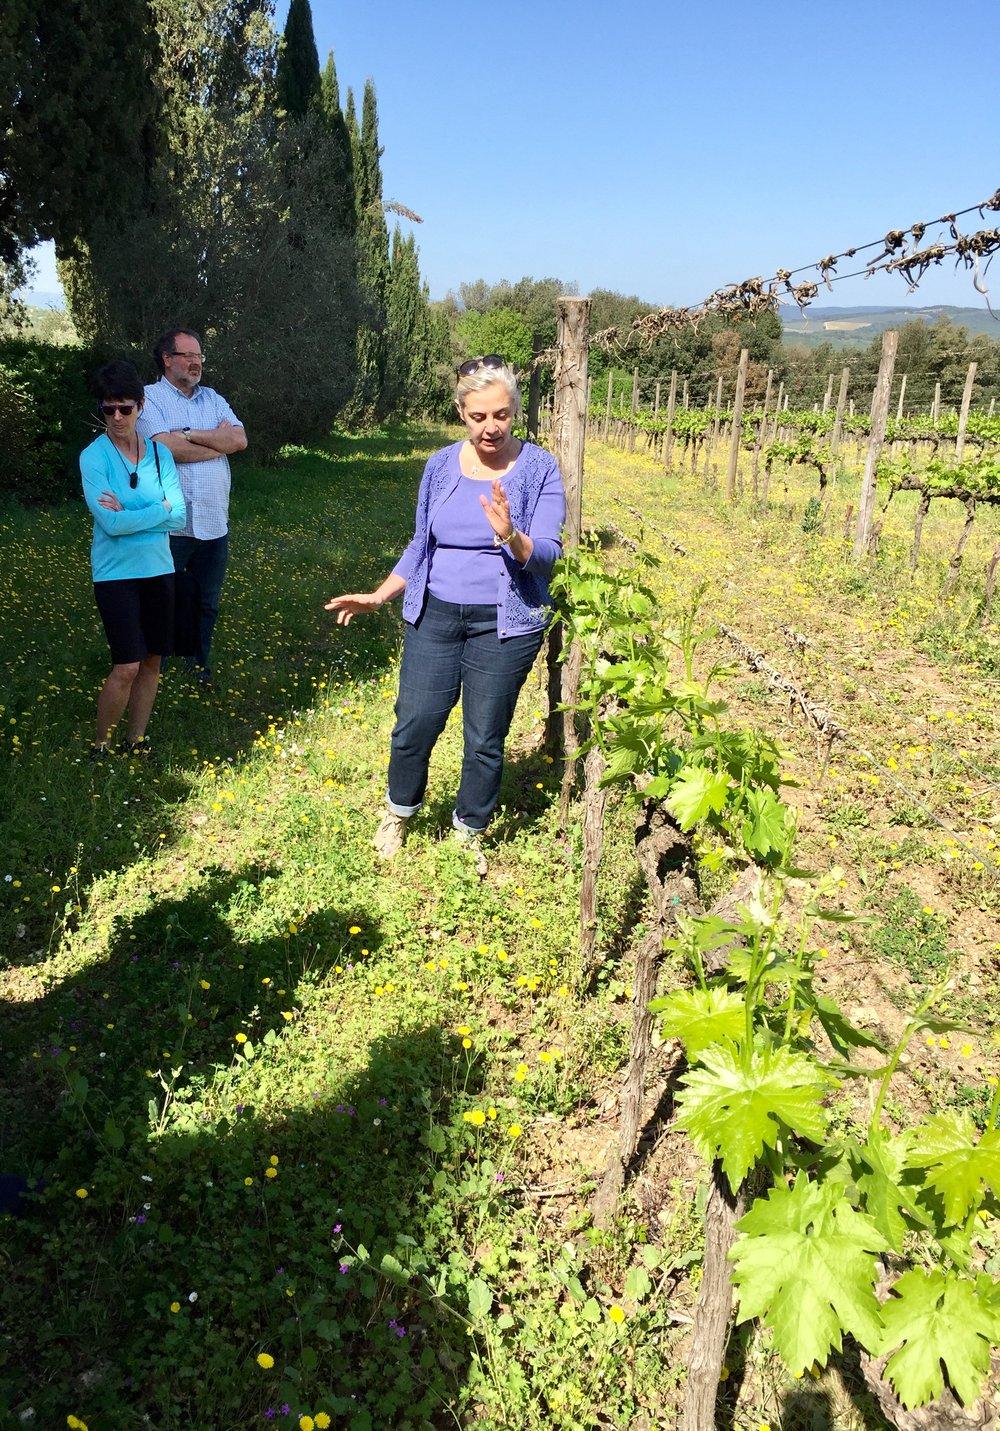 Emilia Silvio Nardi explaining pruning techniques in the vineyards of Silvio Nardi in Montalcino.